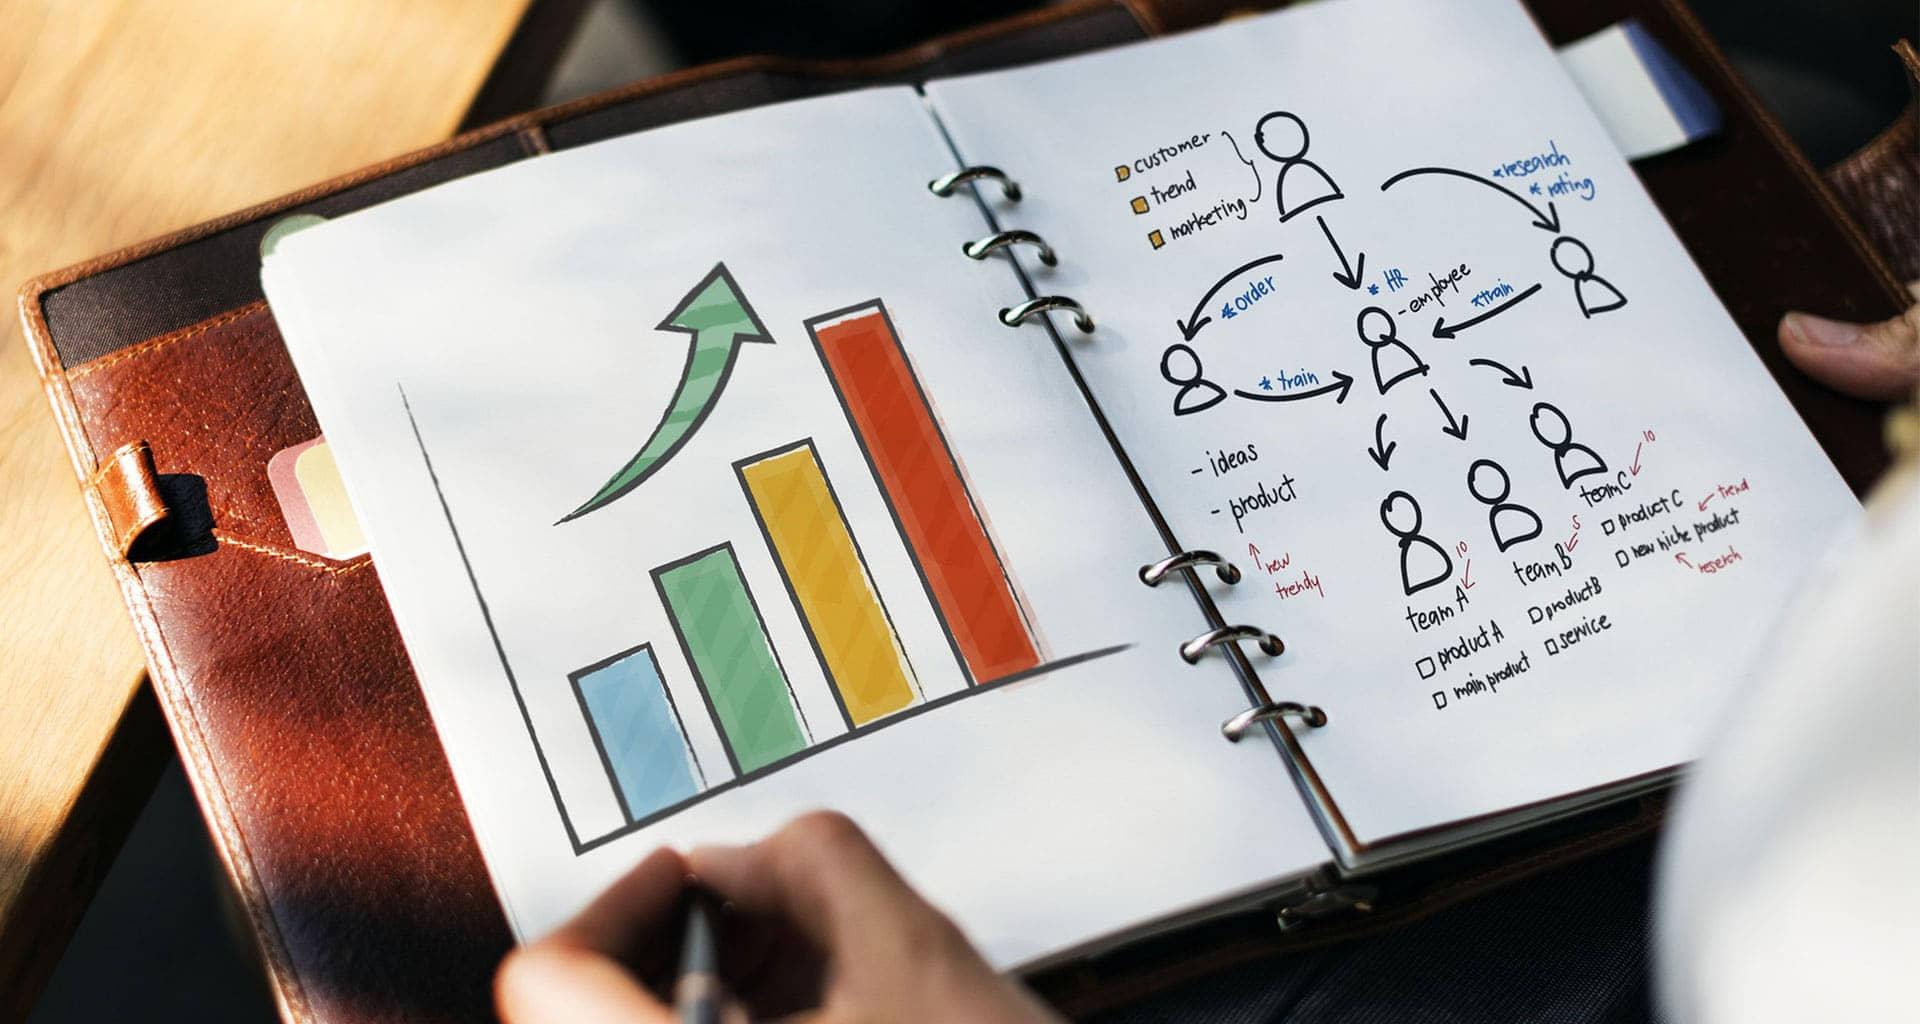 Schrift met strategie en stijgende grafiek